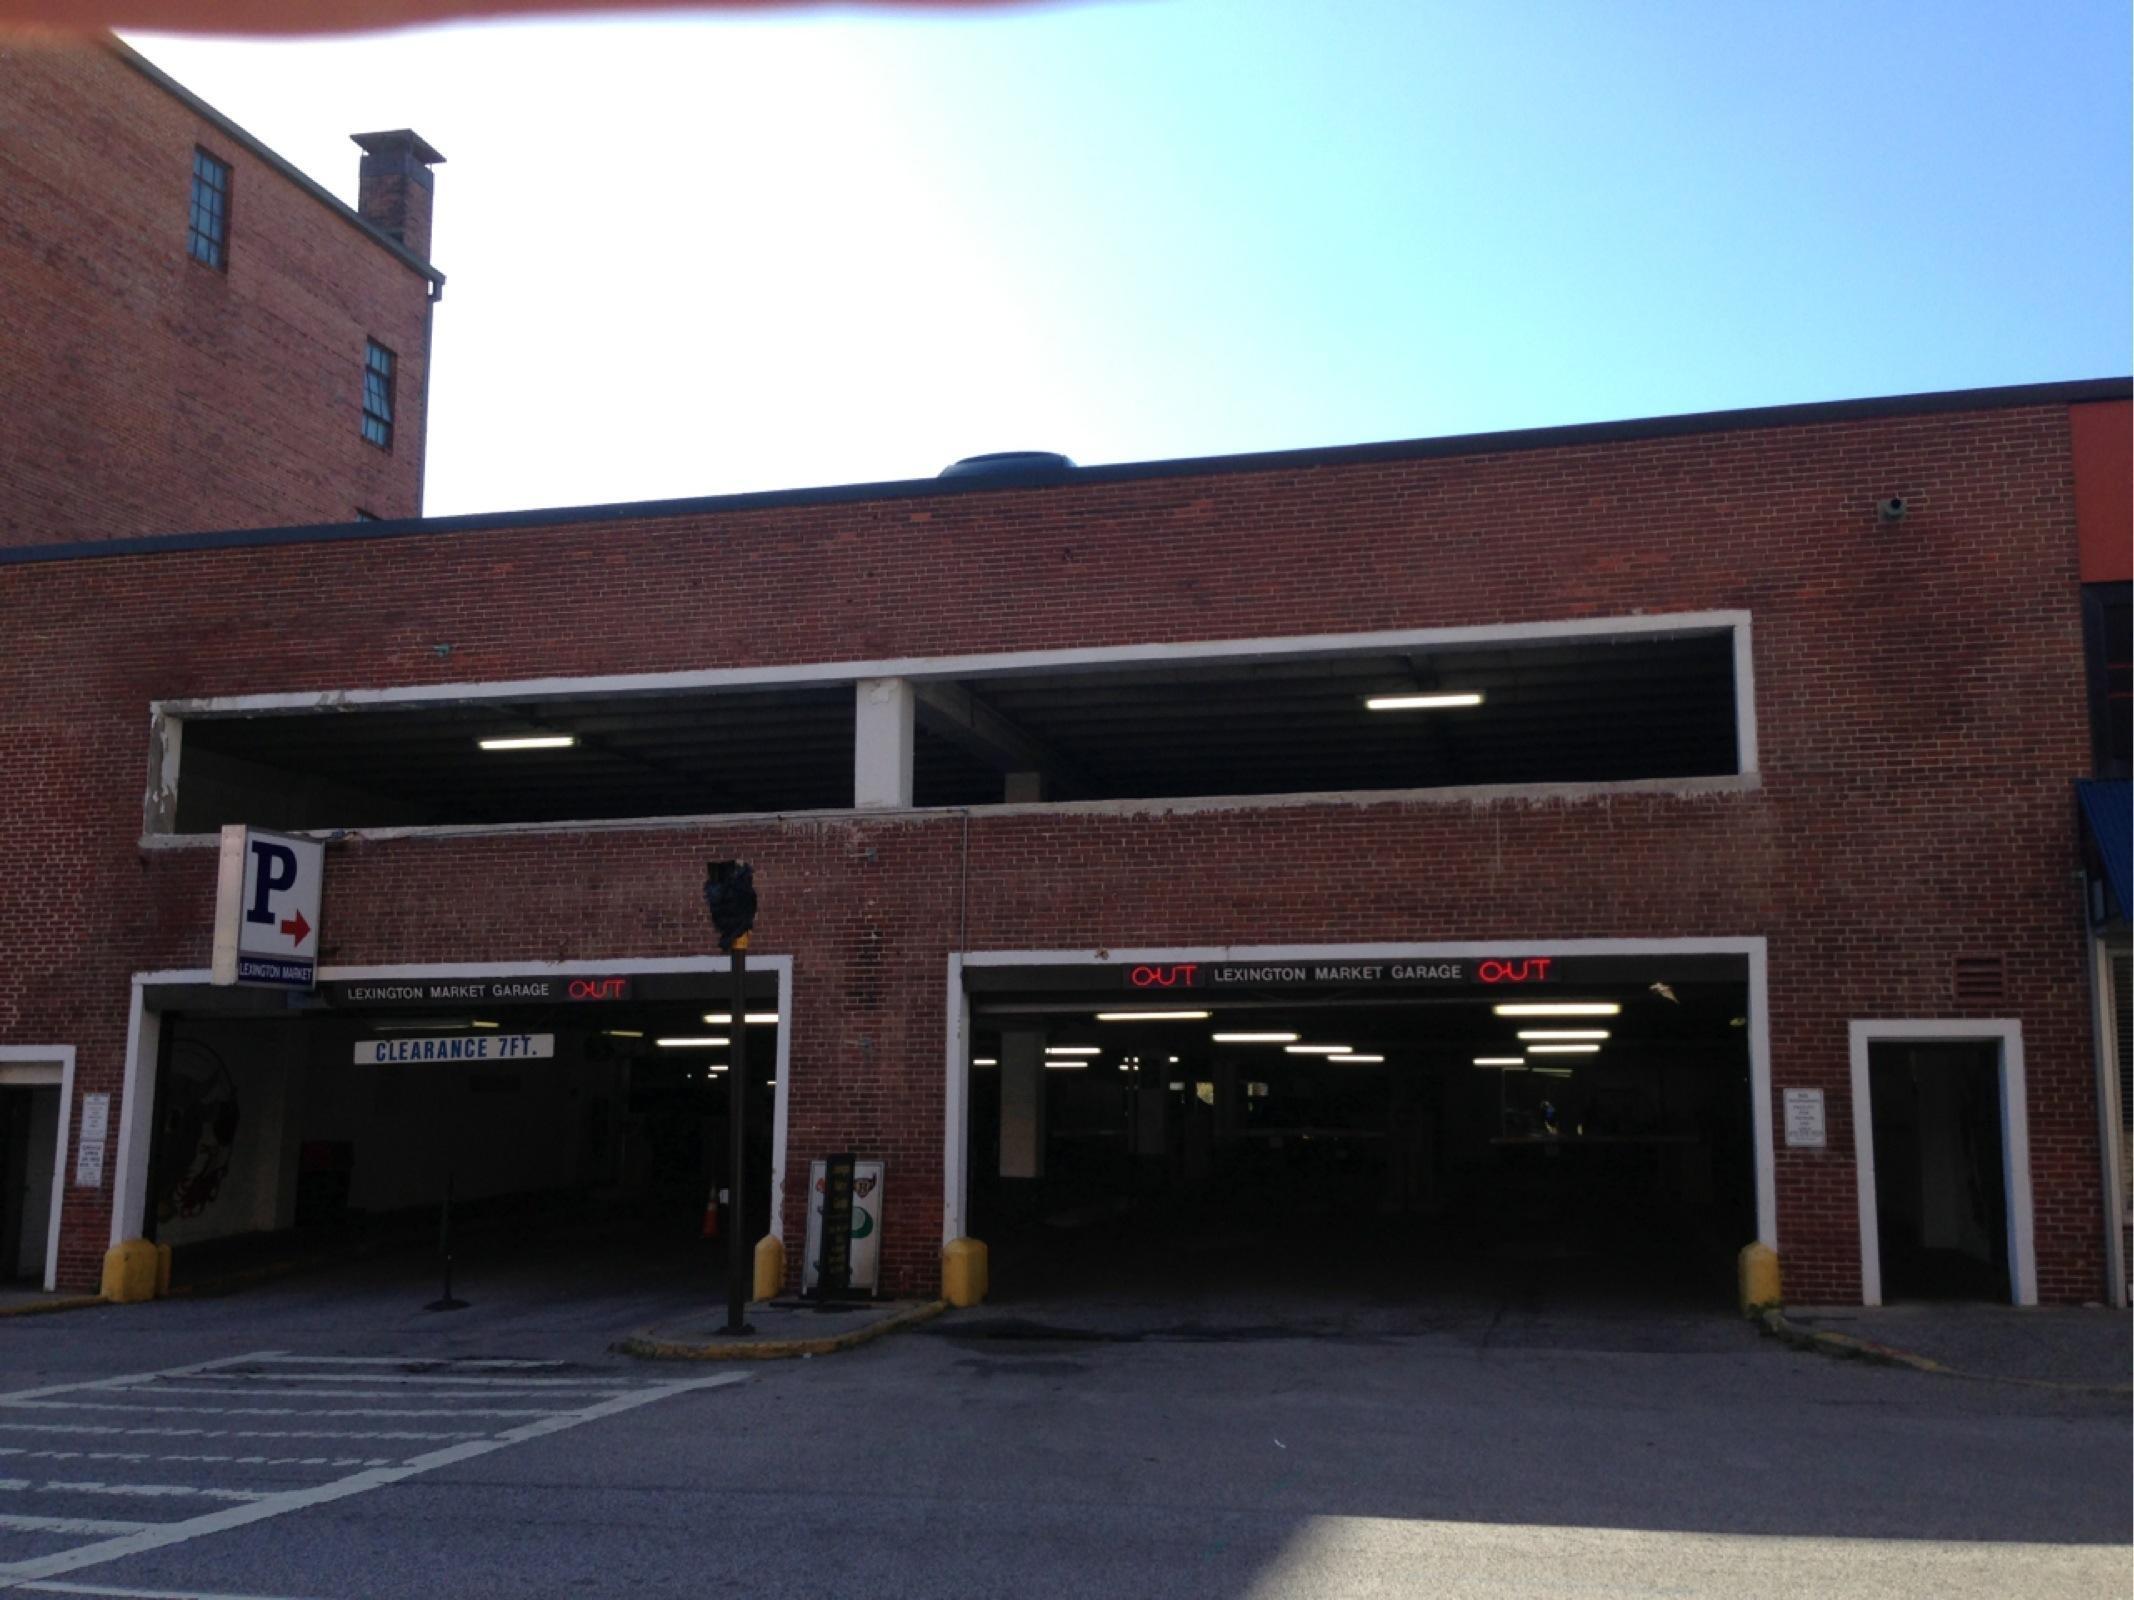 Lexington Market Garage  Parking in Baltimore  ParkMe